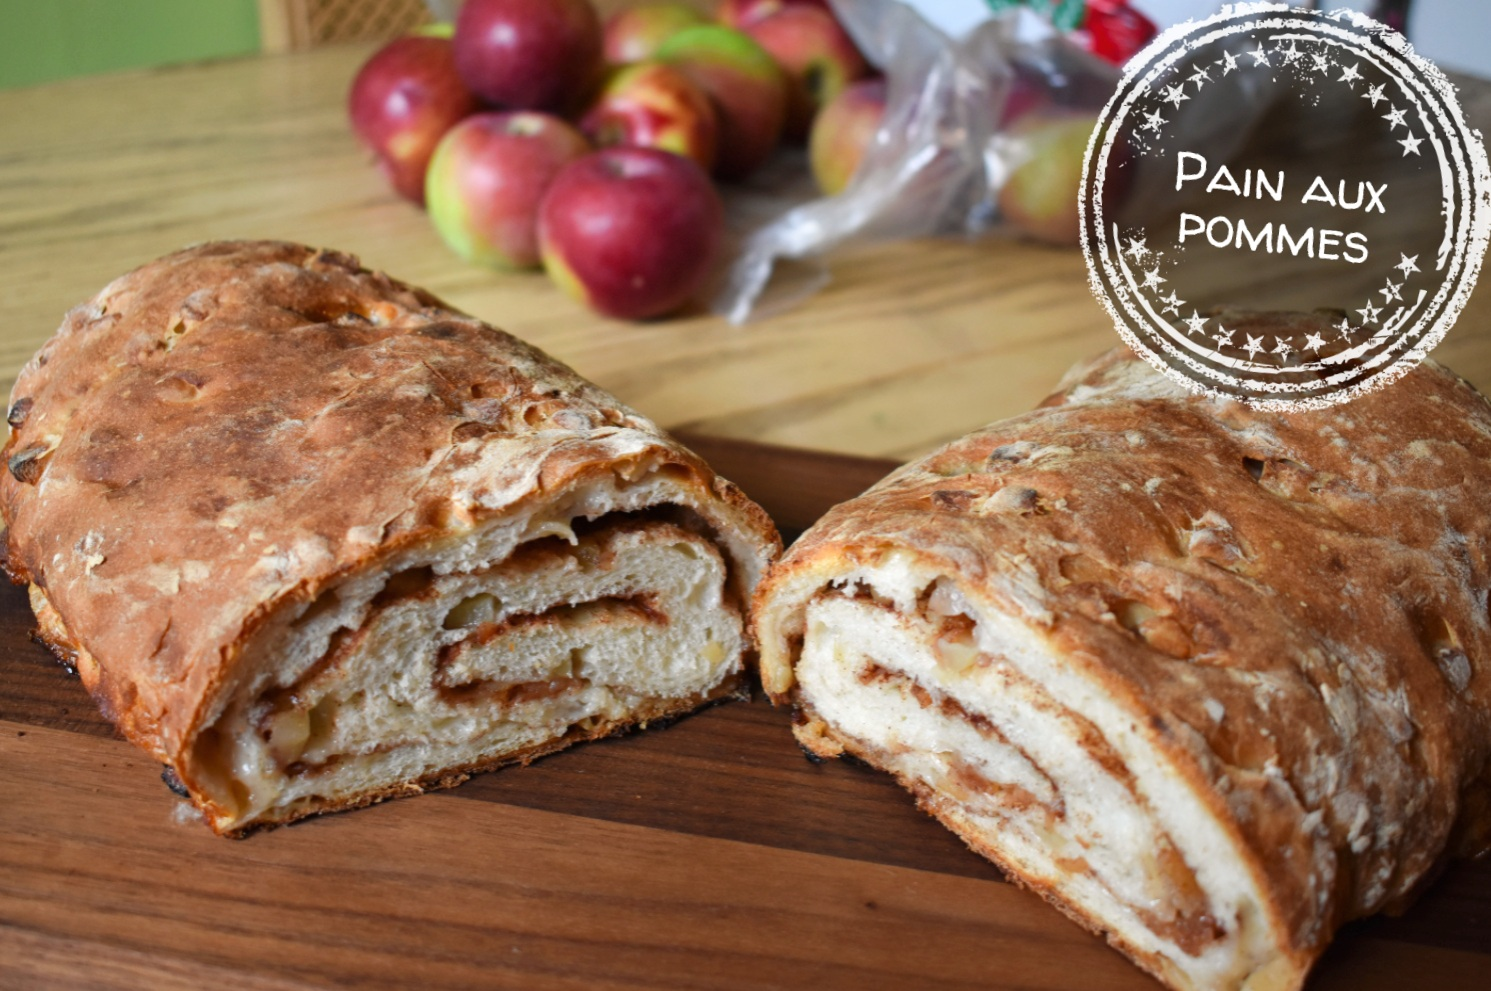 Pain aux pommes - Auboutdelalangue.com (14)